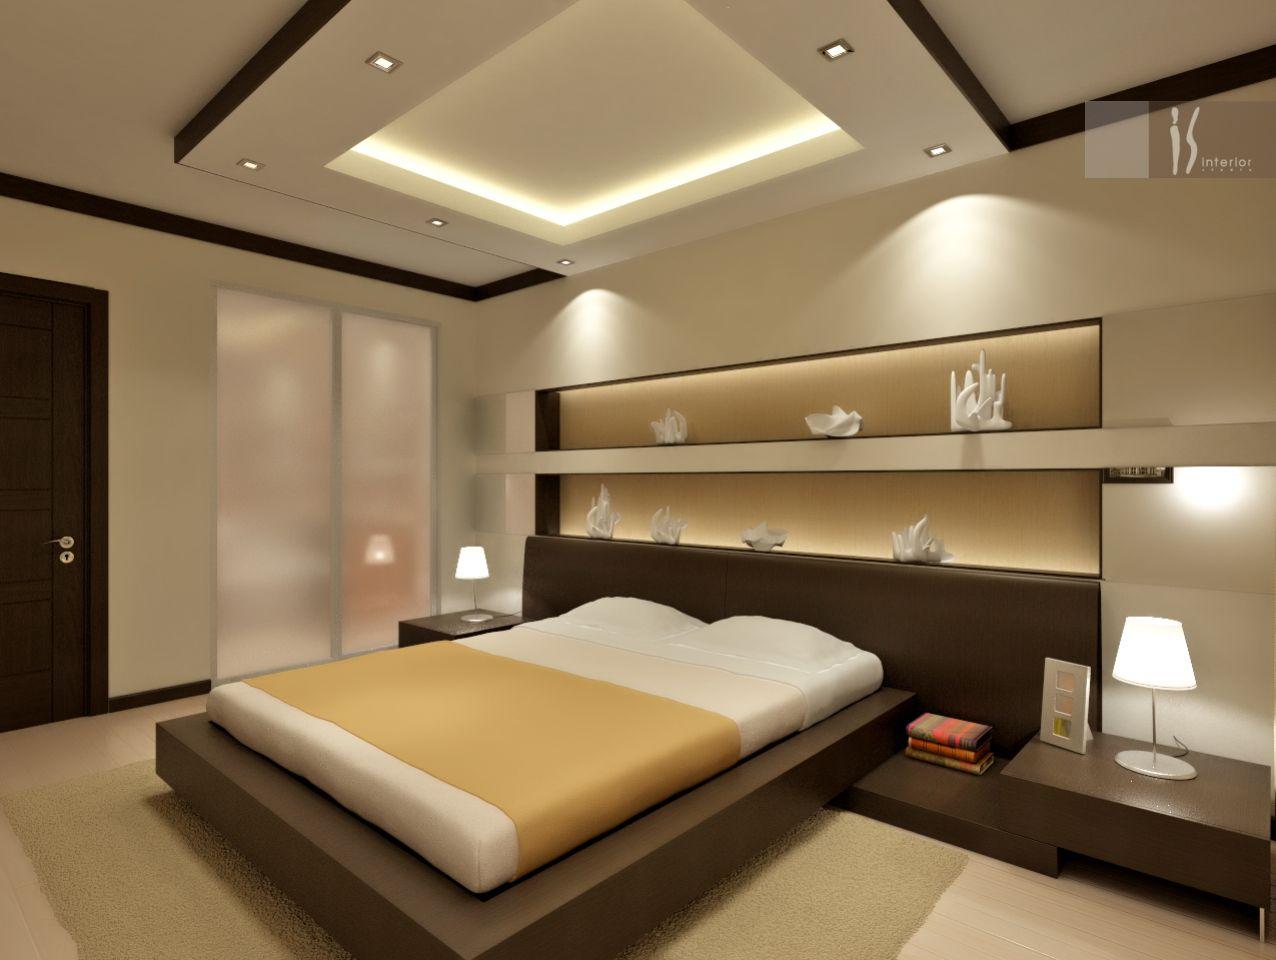 Дизайн 3 комнатной квартиры хрущевки